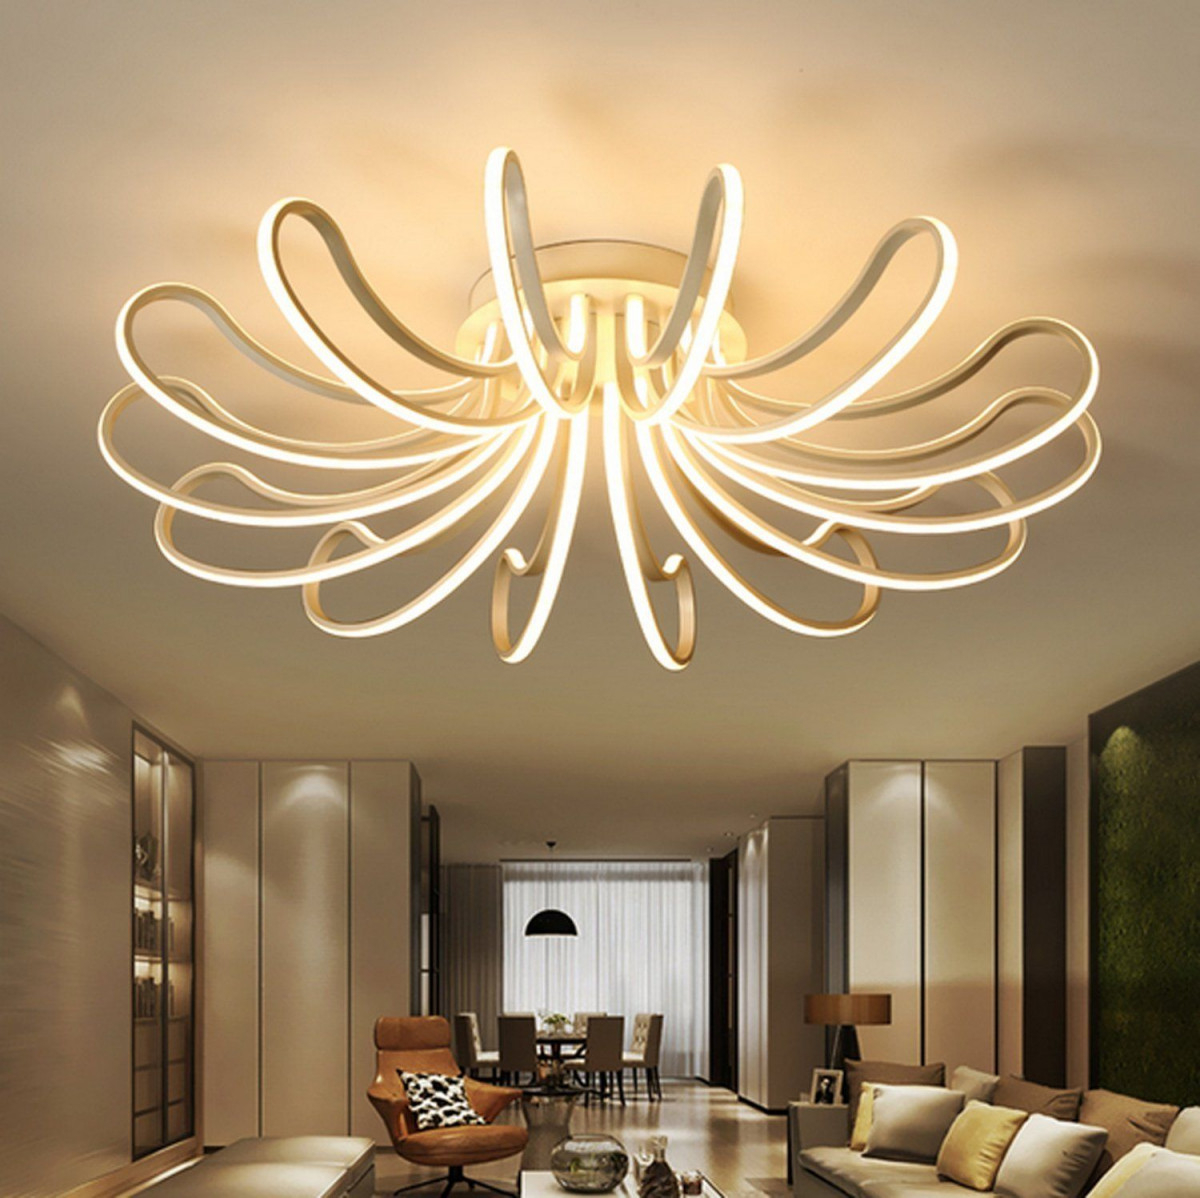 Waineg Designer Moderne Leddeckenleuchten Wohnzimmer von Designer Wohnzimmer Lampe Photo